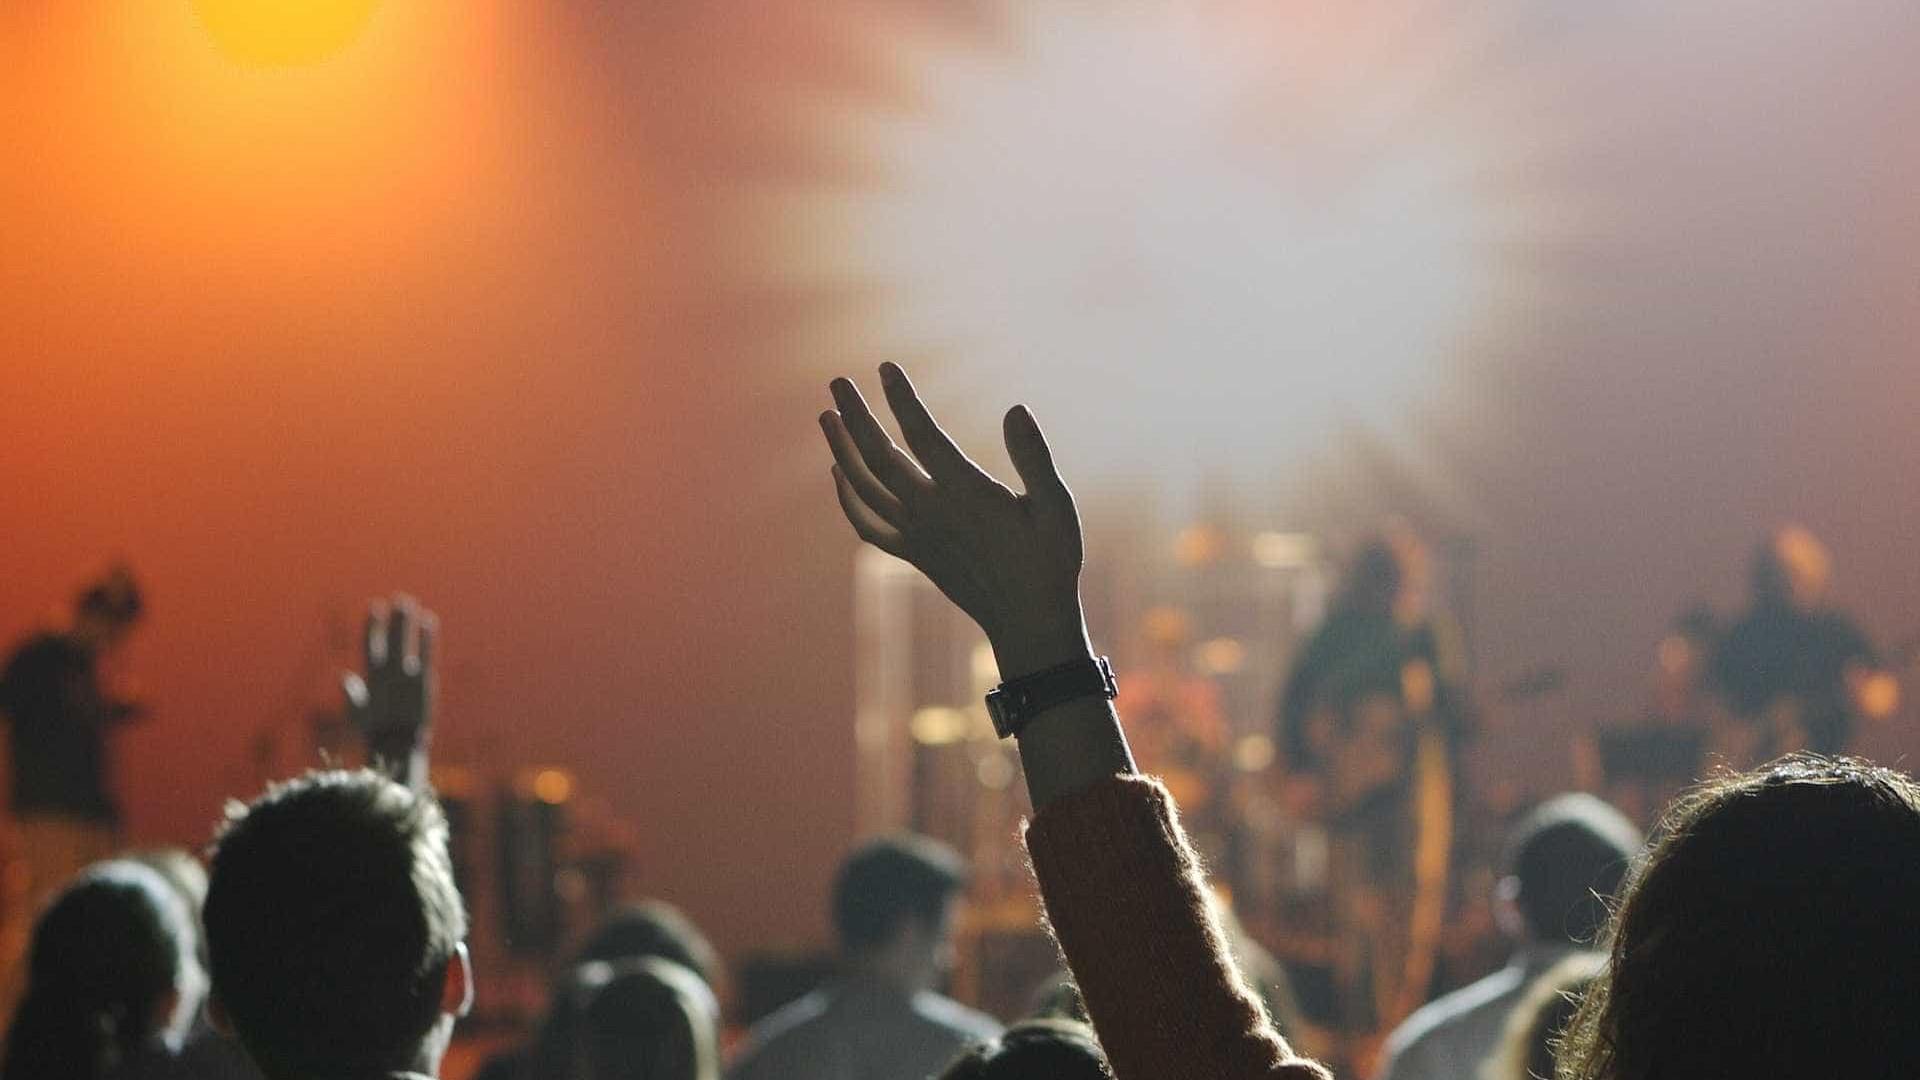 Verão europeu sem os habituais festivais de música